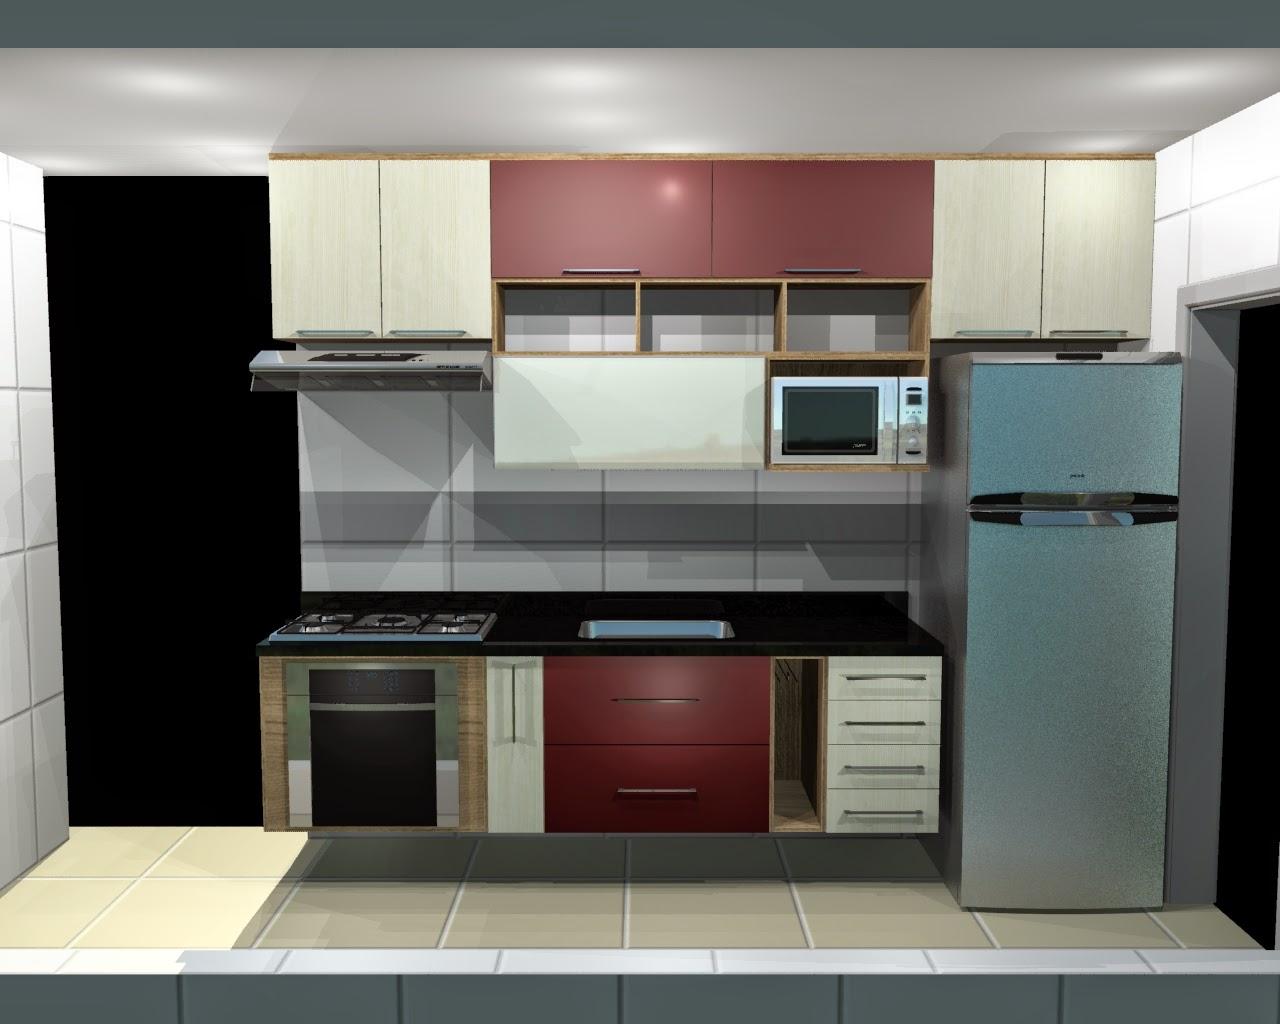 Móveis da Praça: Cozinhas planejadas para Apartamentos Pequenos #6B403C 1280 1024